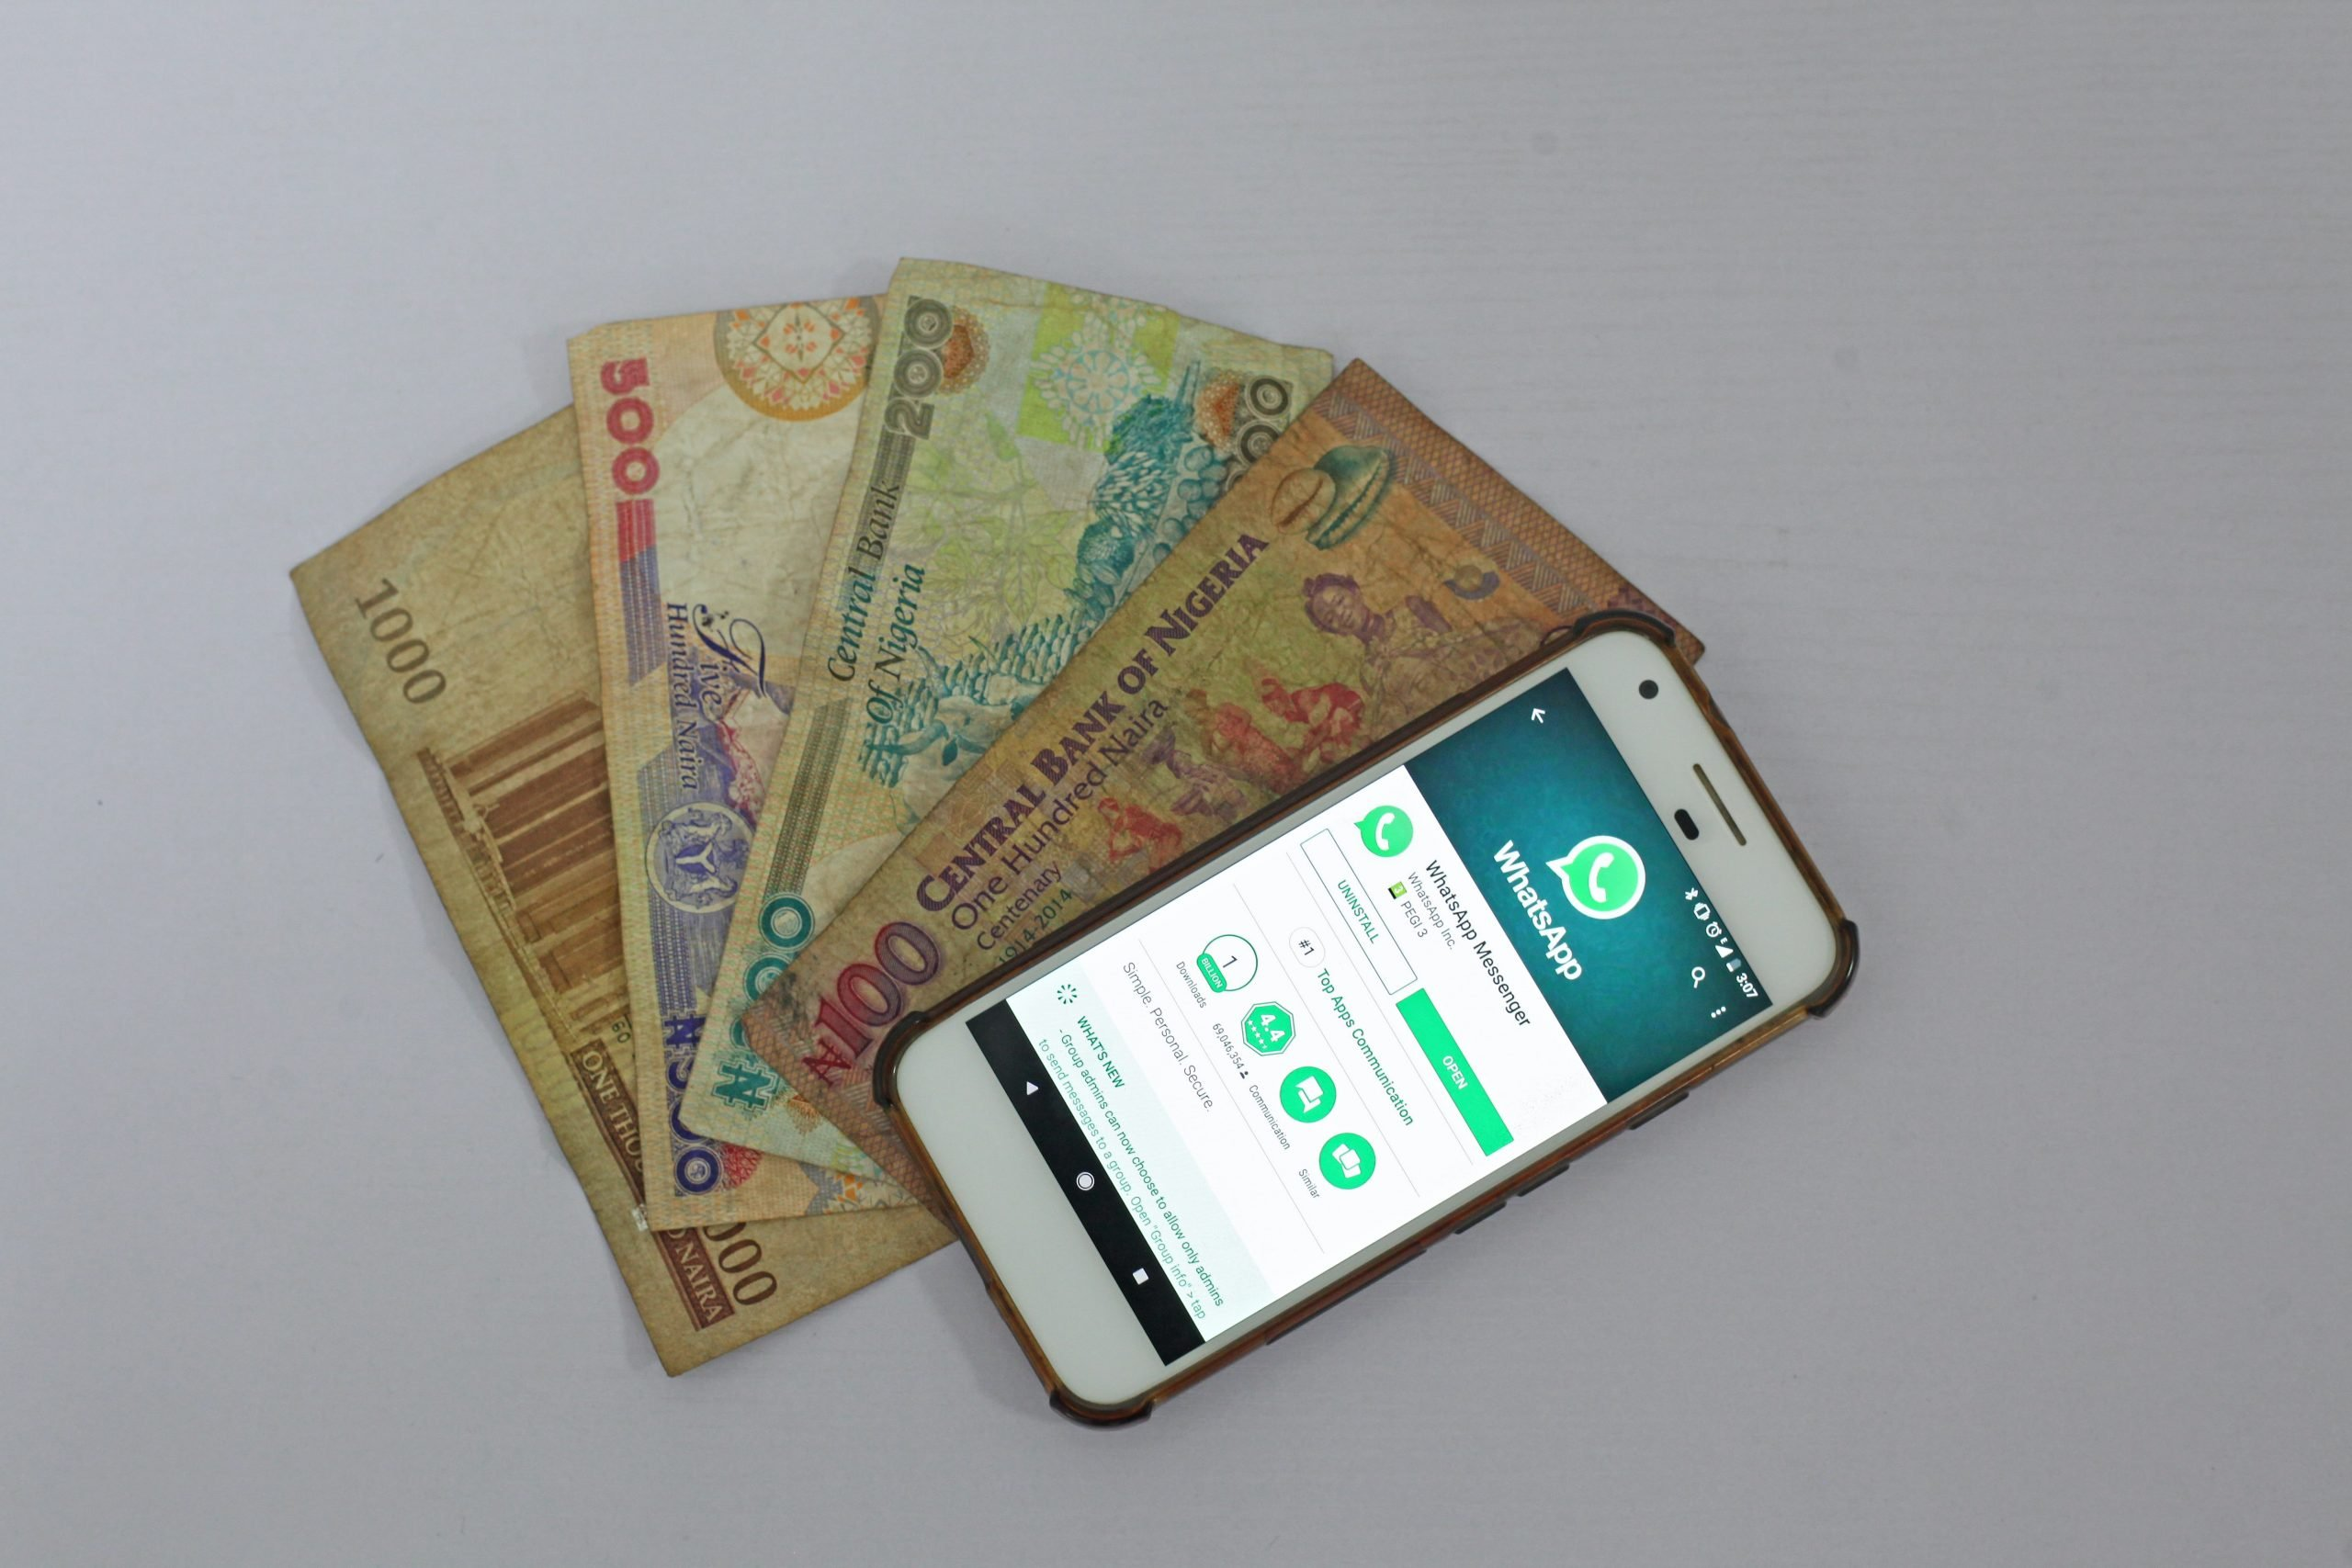 keressen egy weboldalt, ahol pénzt kereshet)